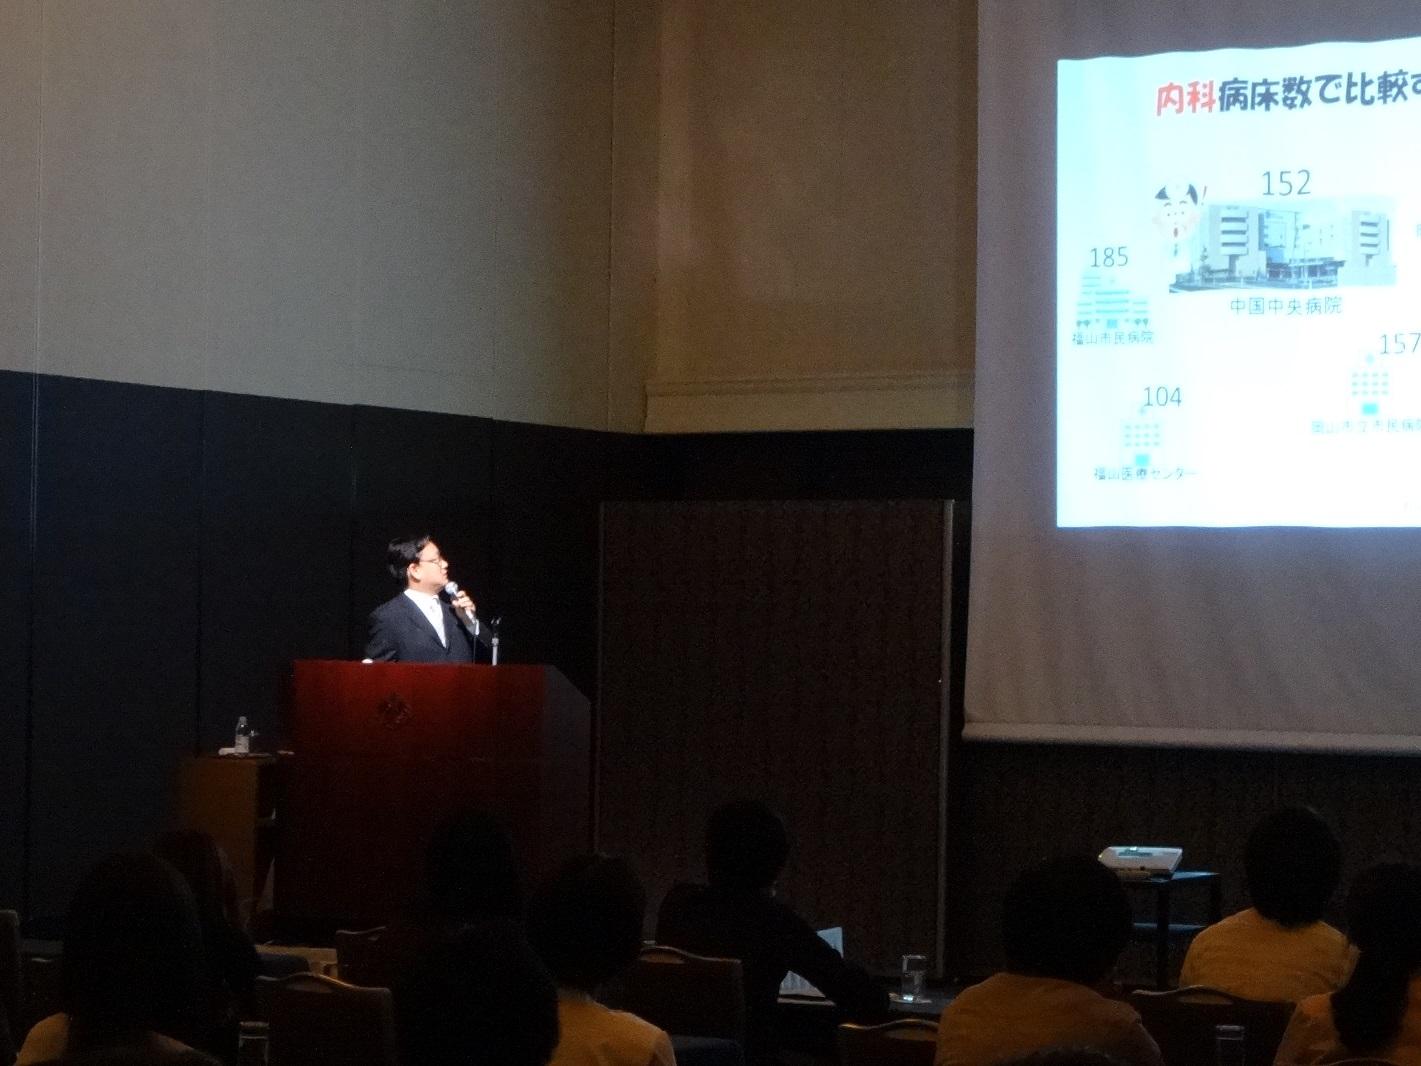 第11回岡山呼吸器・アレルギー研修医セミナー(八杉昌幸先生)